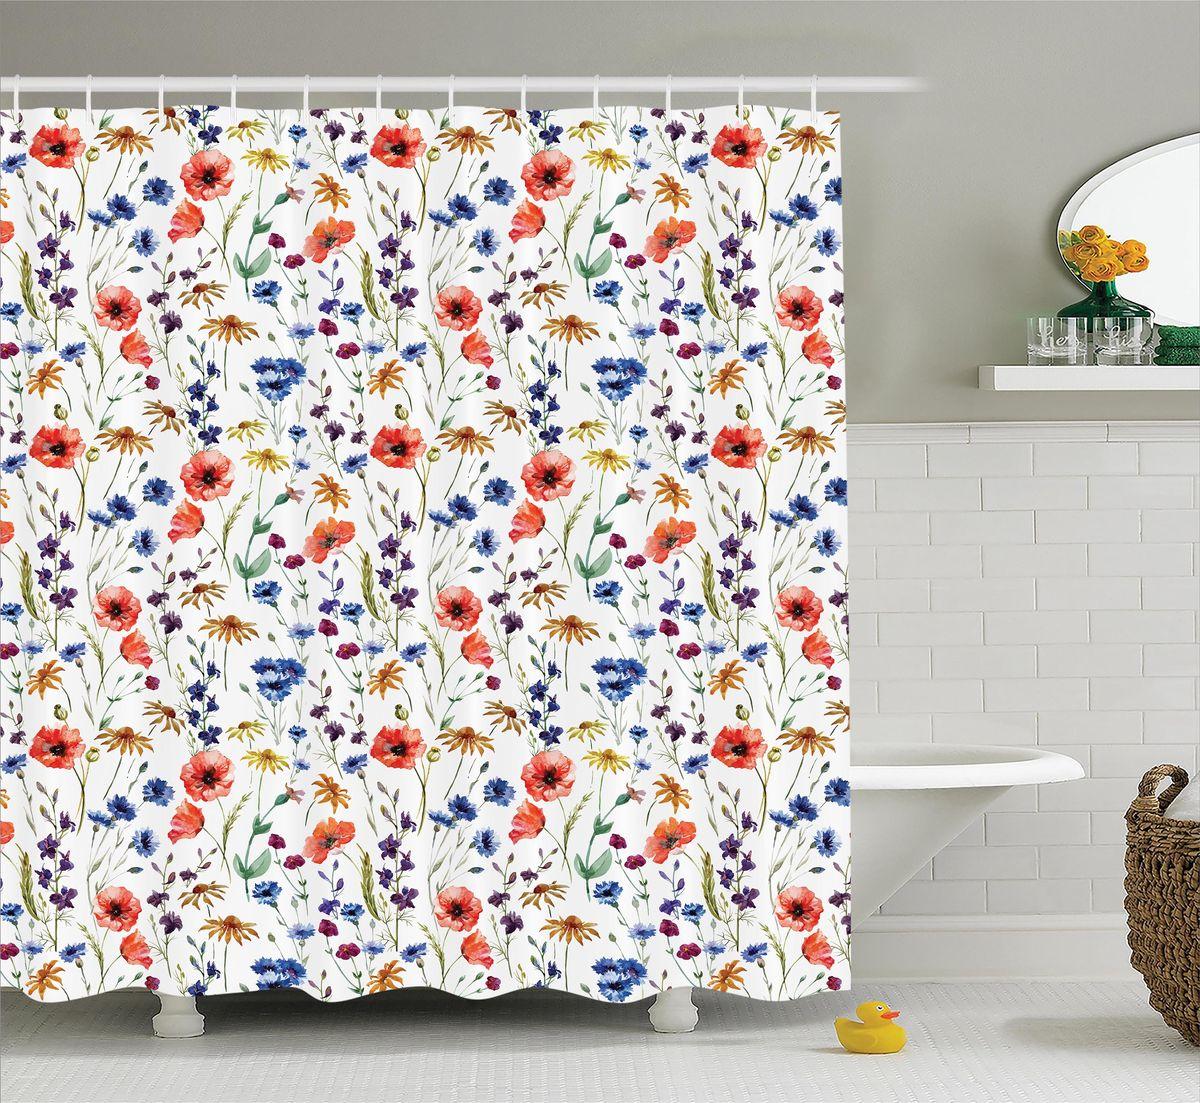 Штора для ванной комнаты Magic Lady Полевые цветы, 180 х 200 см391602Штора Magic Lady Полевые цветы, изготовленная из высококачественного сатена (полиэстер 100%), отлично дополнит любой интерьер ванной комнаты. При изготовлении используются специальные гипоаллергенные чернила для прямой печати по ткани, безопасные для человека.В комплекте: 1 штора, 12 крючков. Обращаем ваше внимание, фактический цвет изделия может незначительно отличаться от представленного на фото.